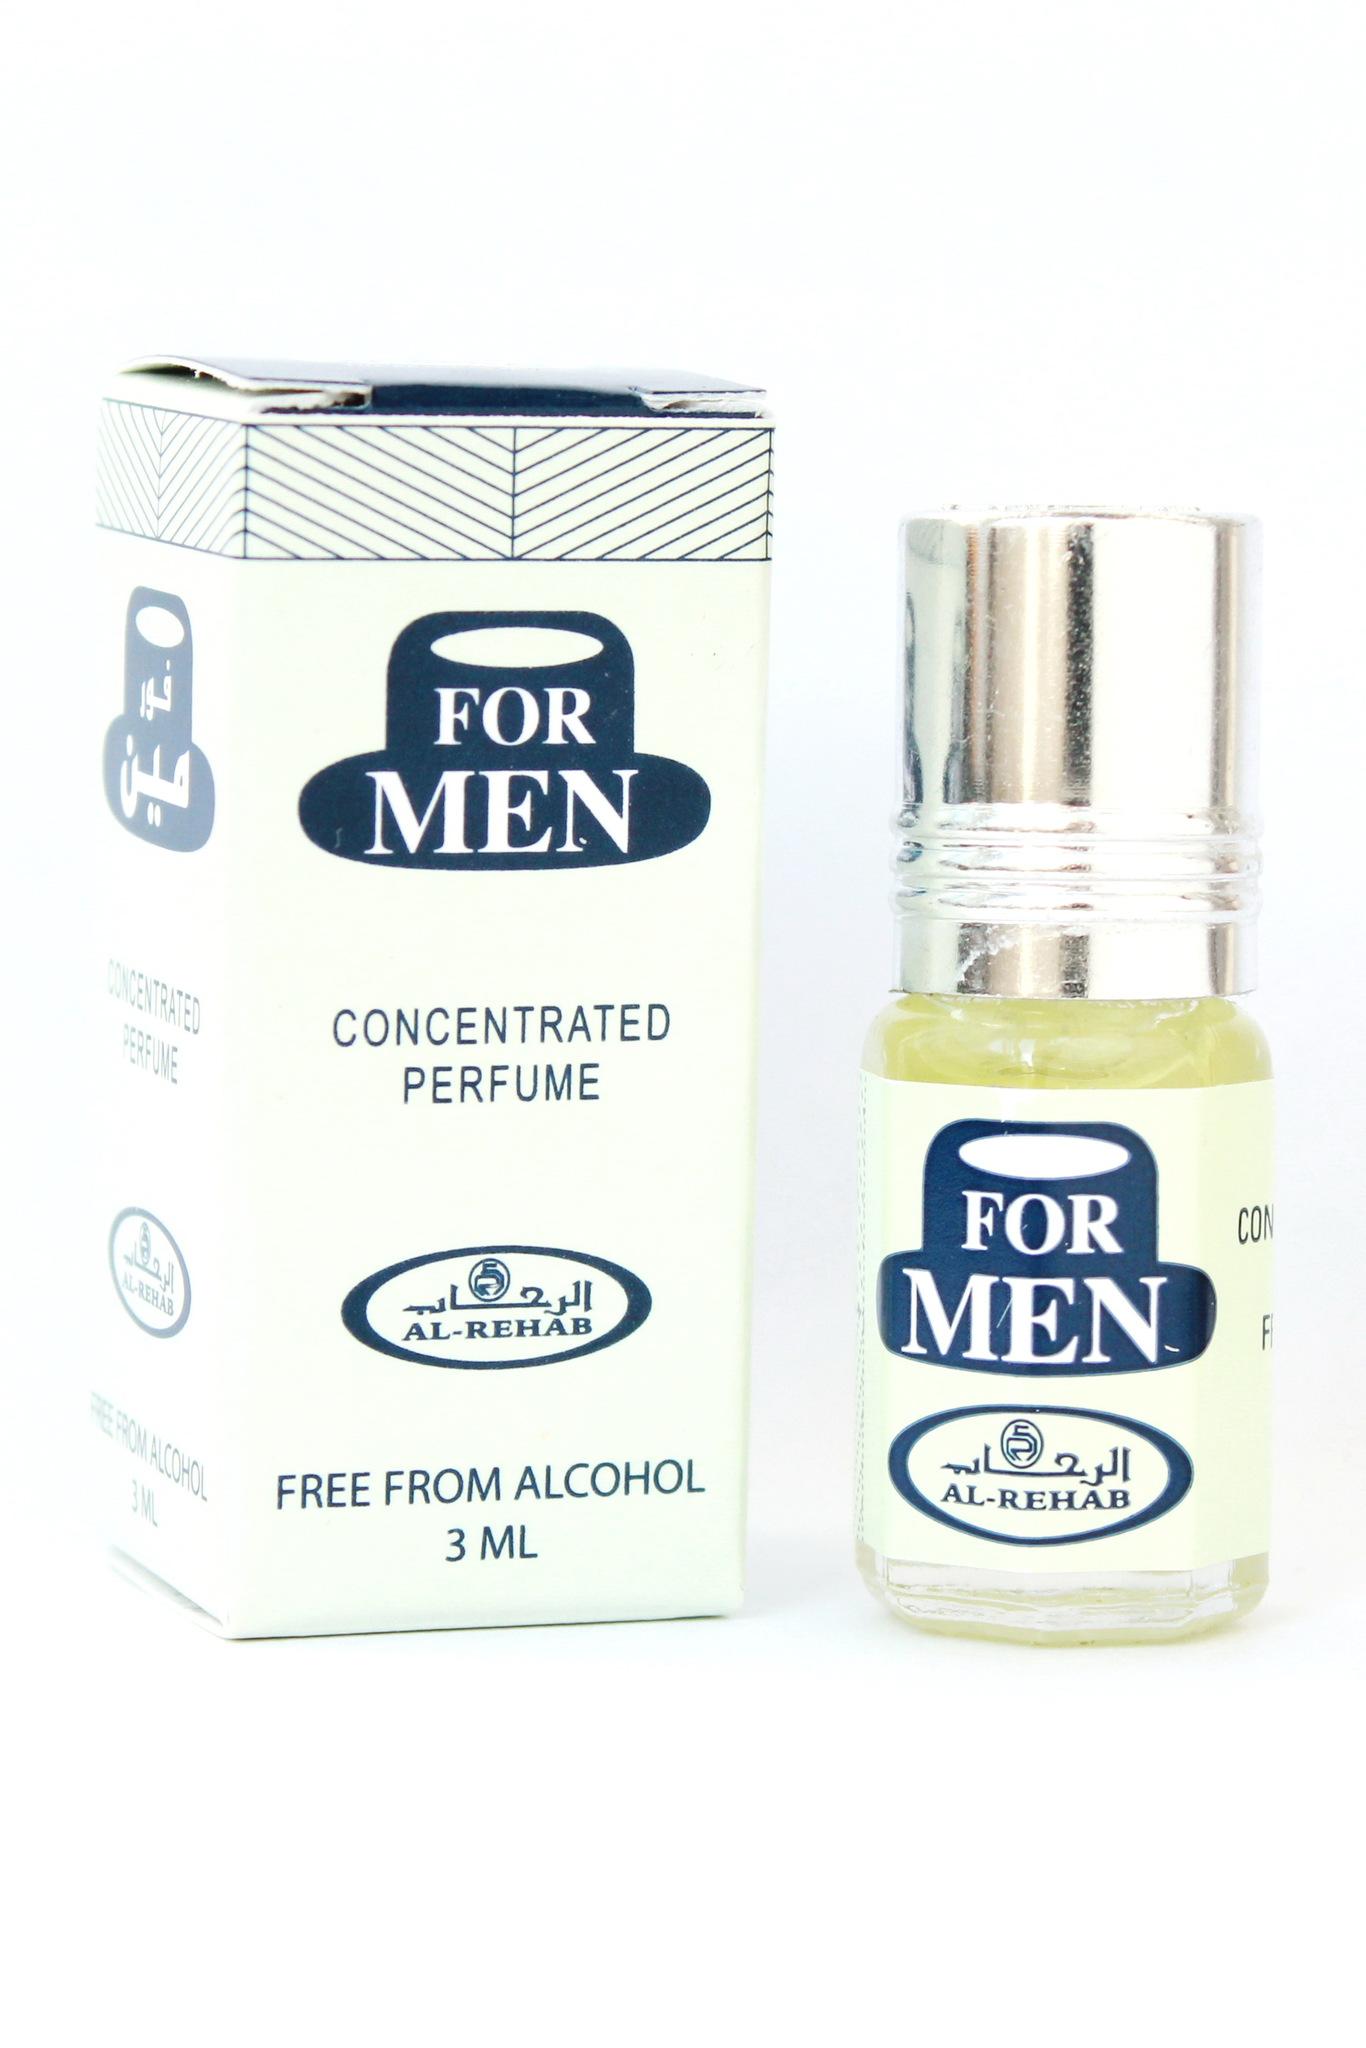 For Men Для Мужчин 3 мл арабские мужские масляные духи от Аль Рехаб Al Rehab